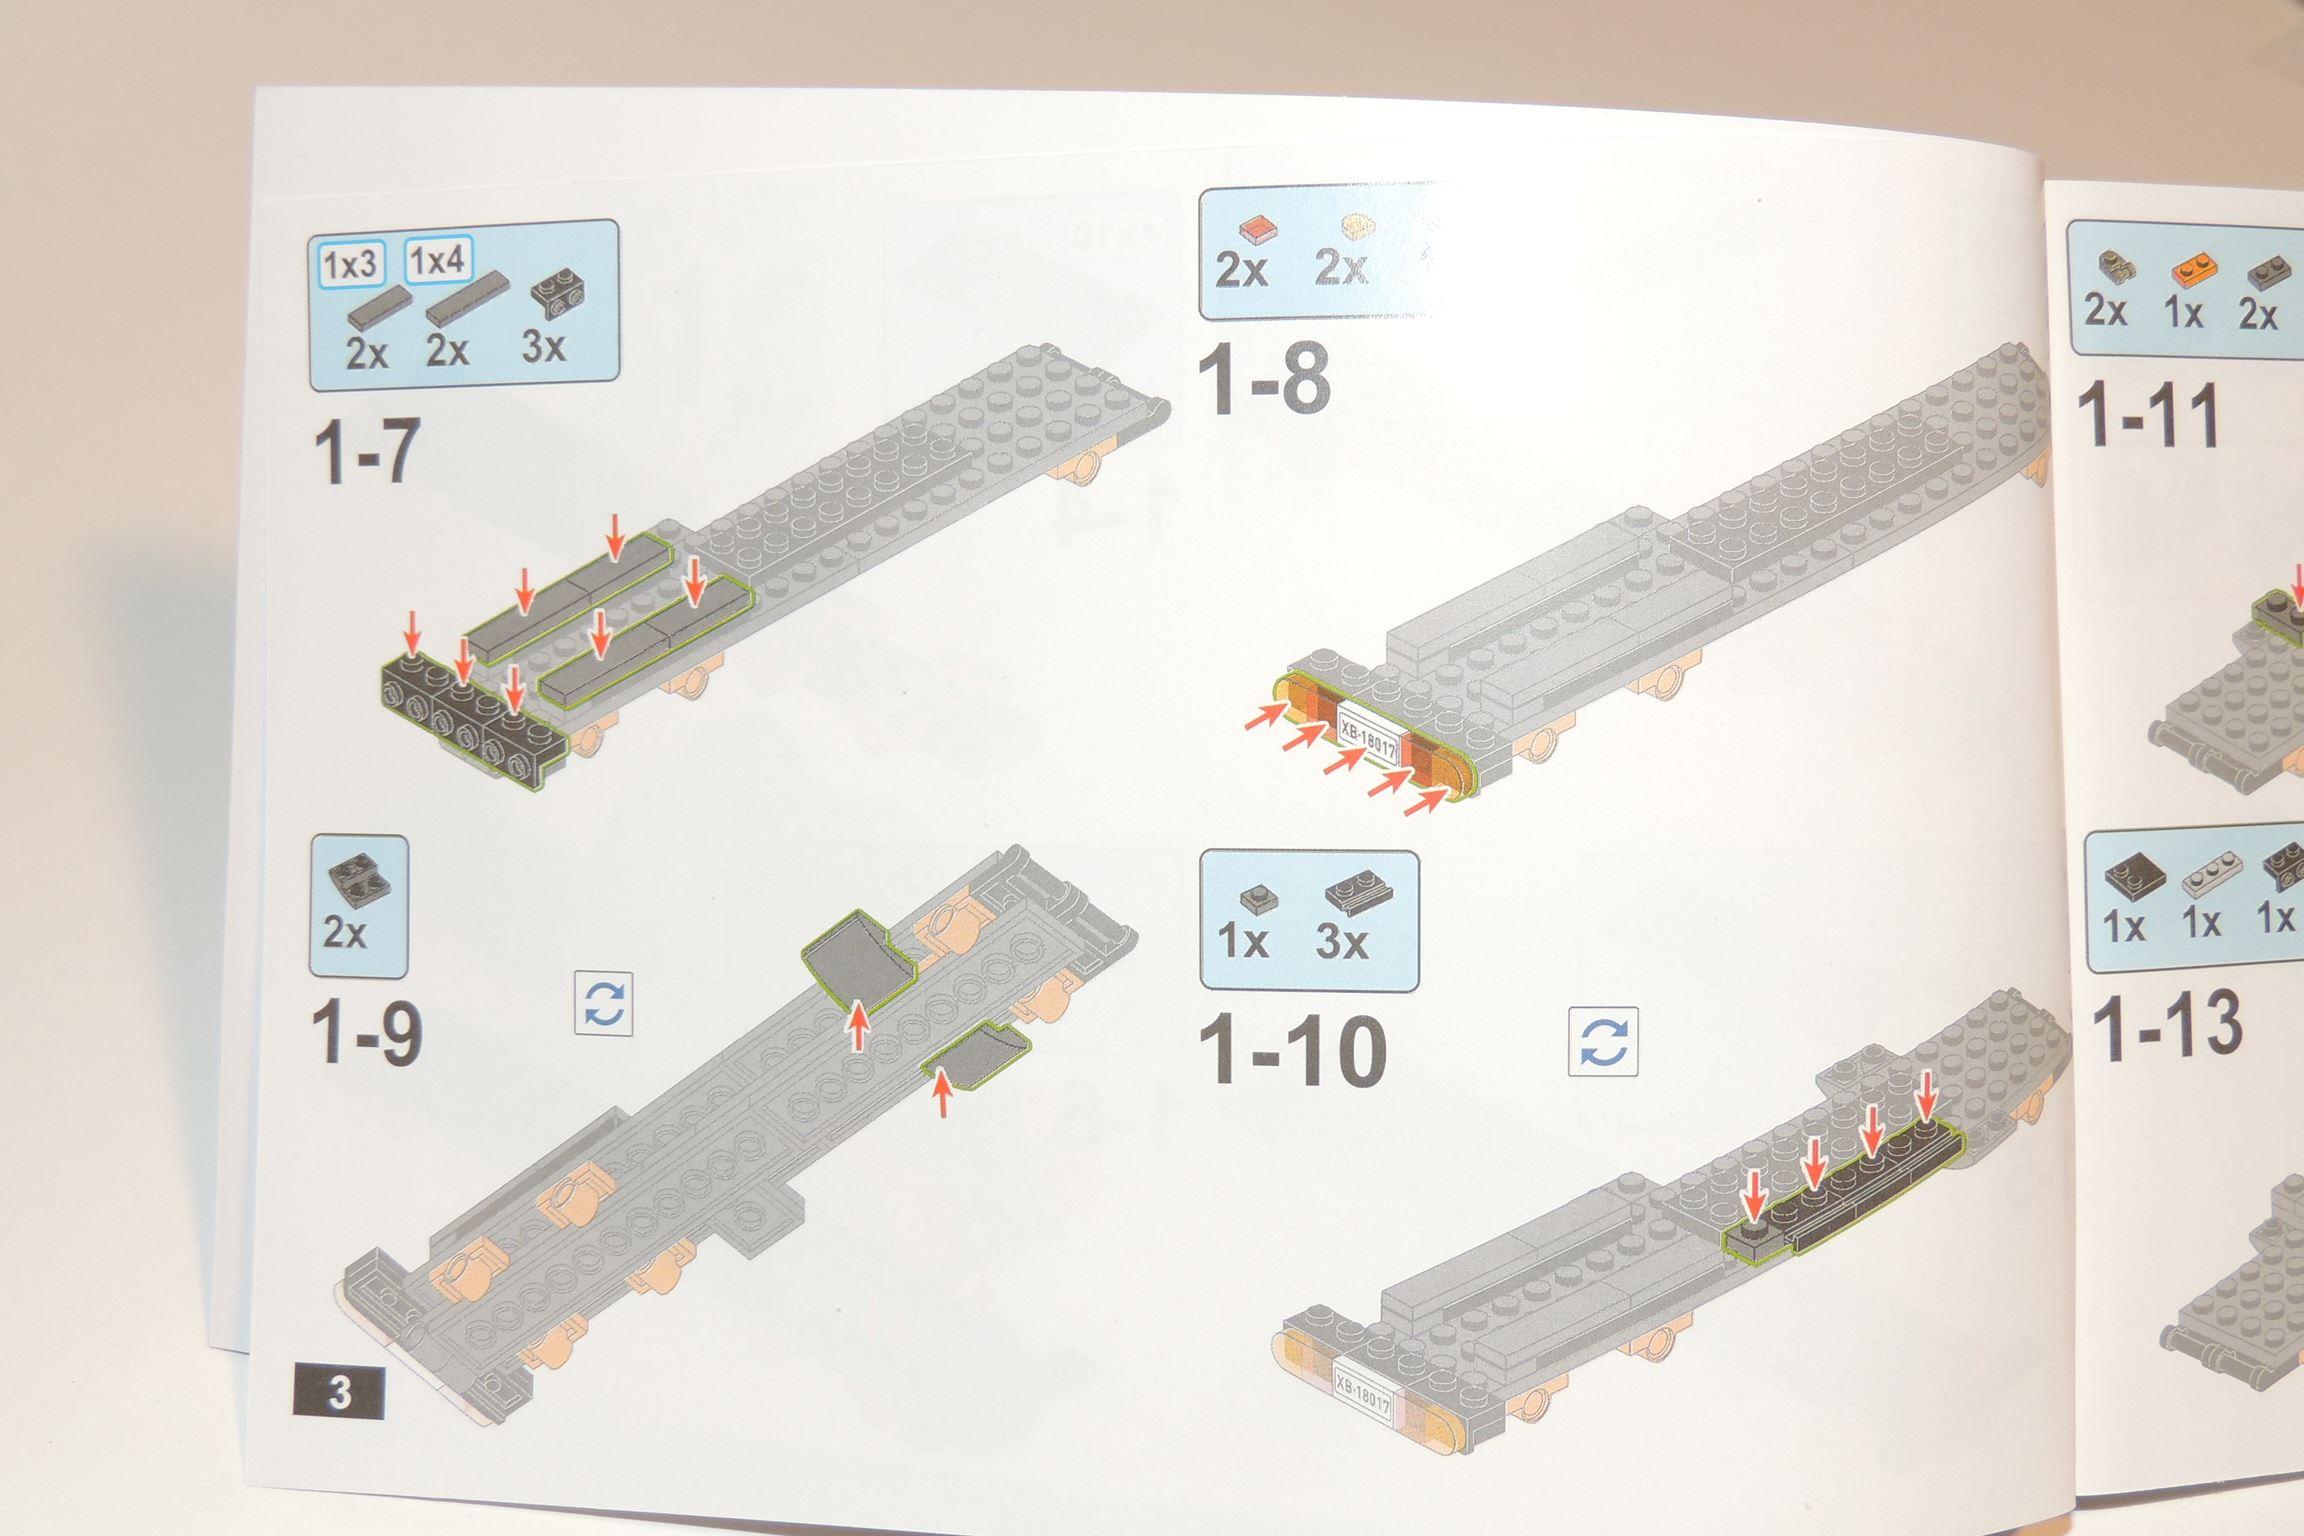 Aktuelle Teile werden kräftig dargestellt, der Rest verblasst.